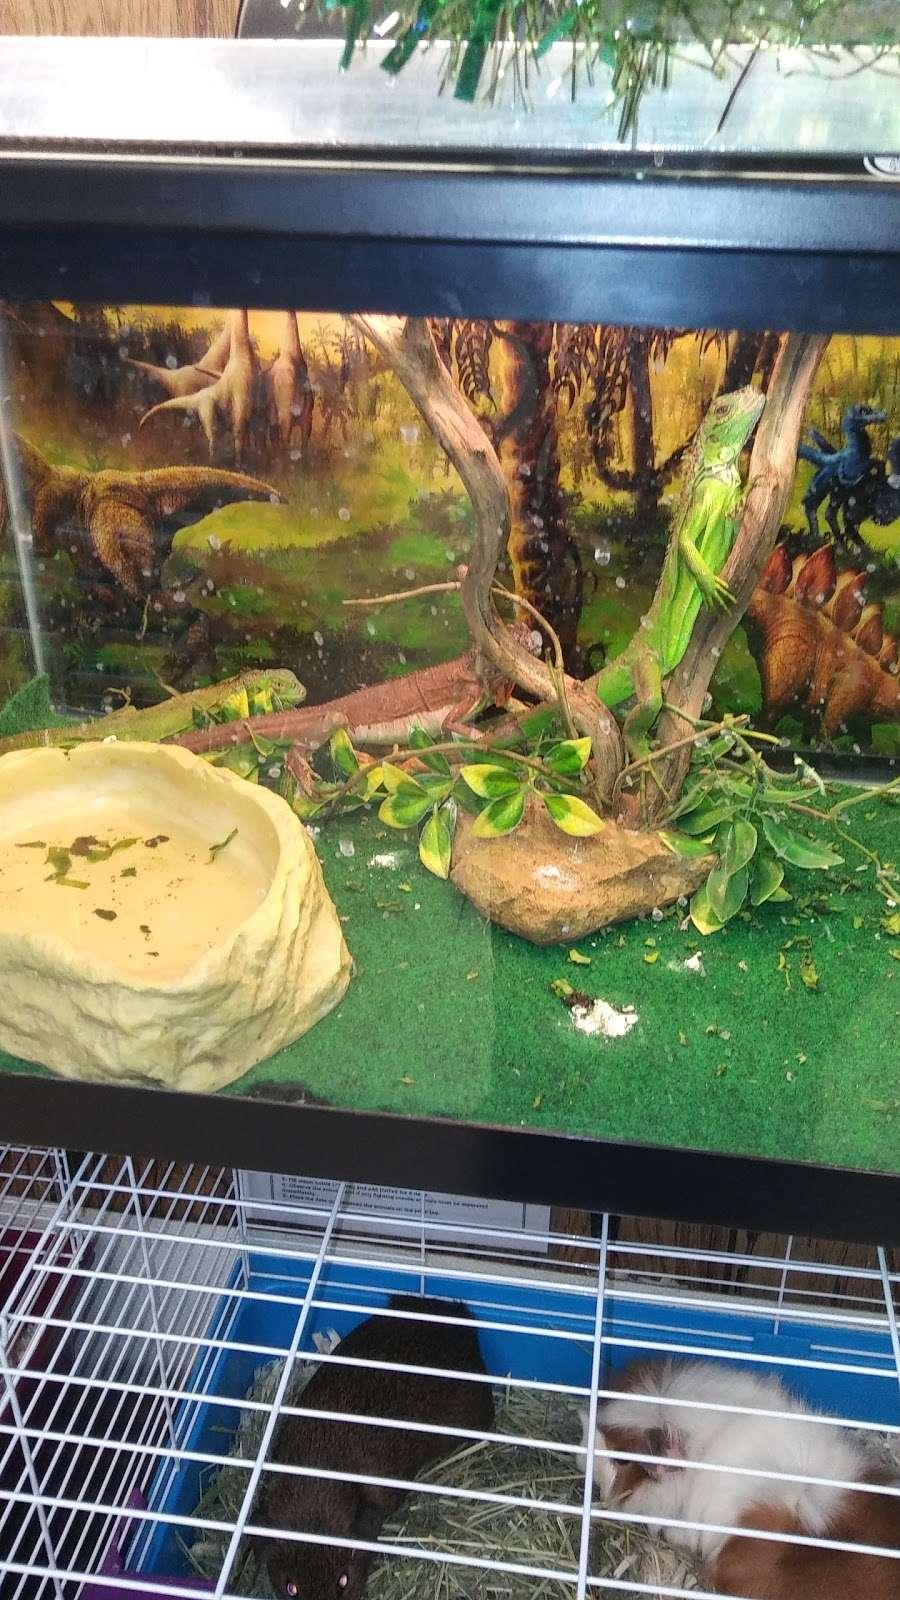 Petland Discounts - Jersey City - pet store  | Photo 7 of 10 | Address: Rt 440 & Kellogg Street, Stadium Plaza, Jersey City, NJ 07305, USA | Phone: (201) 435-9217